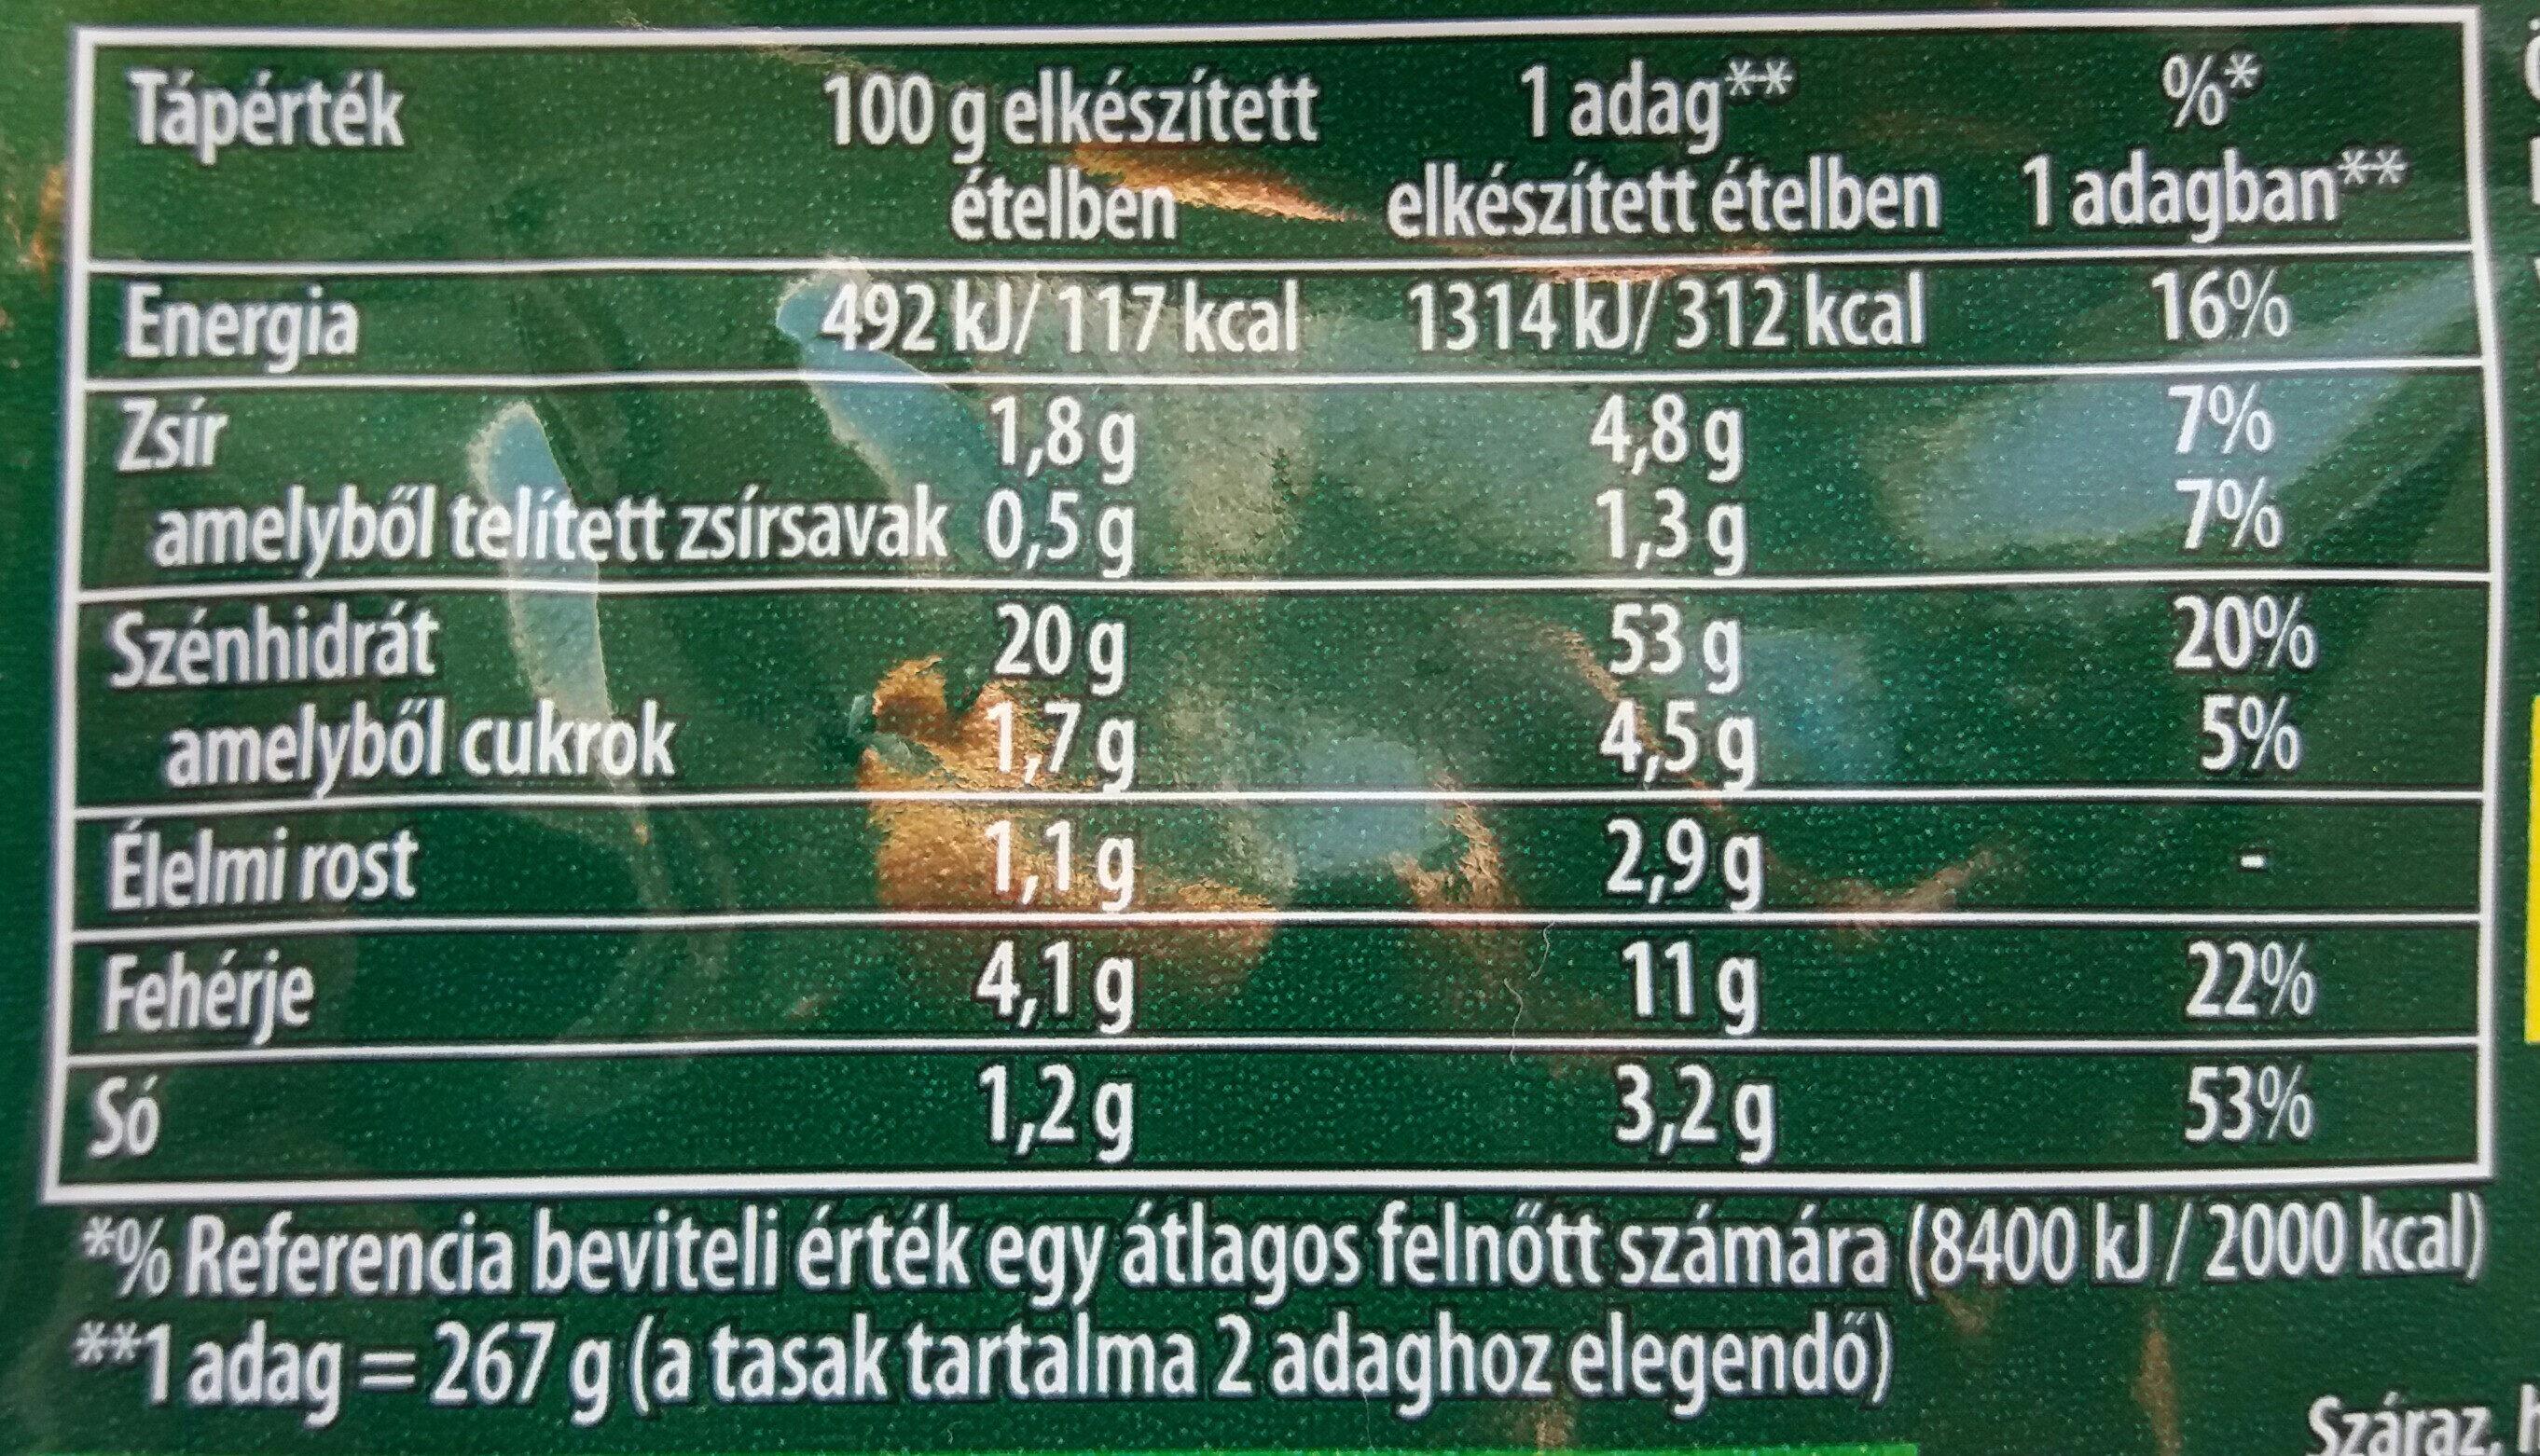 Magyaros tészta paprikáscsirke szósszal - Informations nutritionnelles